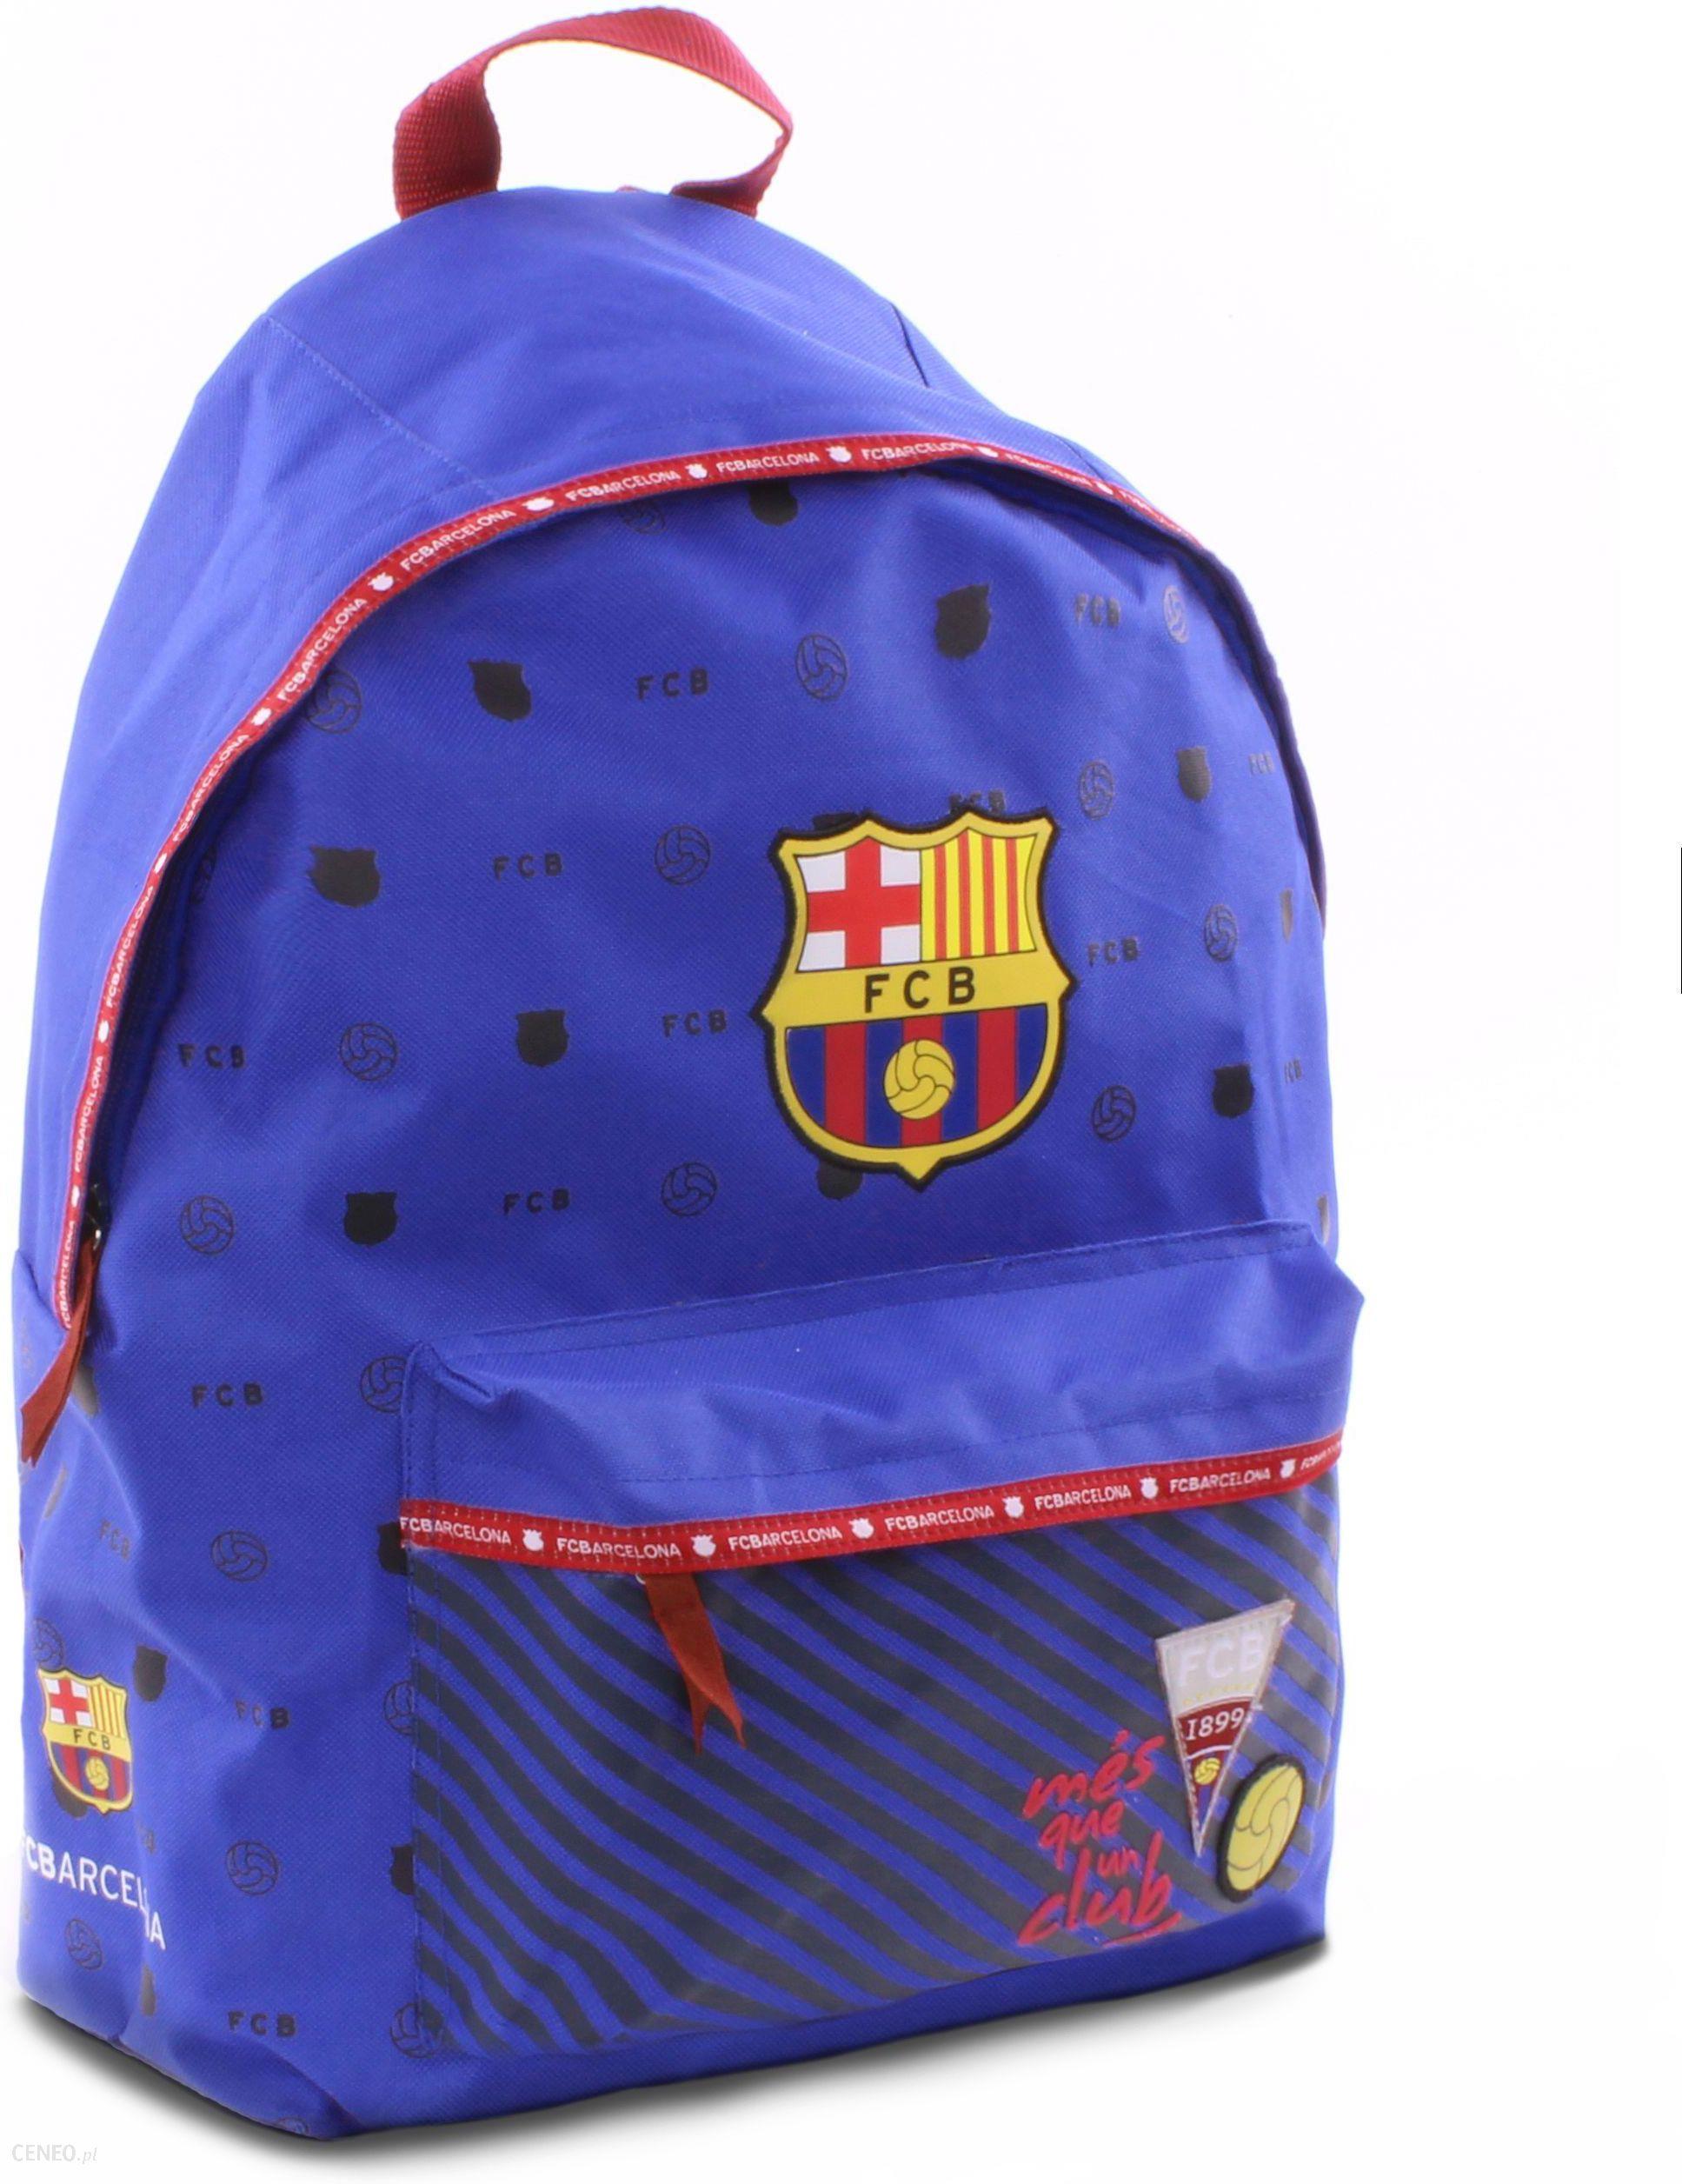 bdb8a55a29255 Vadobag FC Barcelona plecak - Ceny i opinie - Ceneo.pl